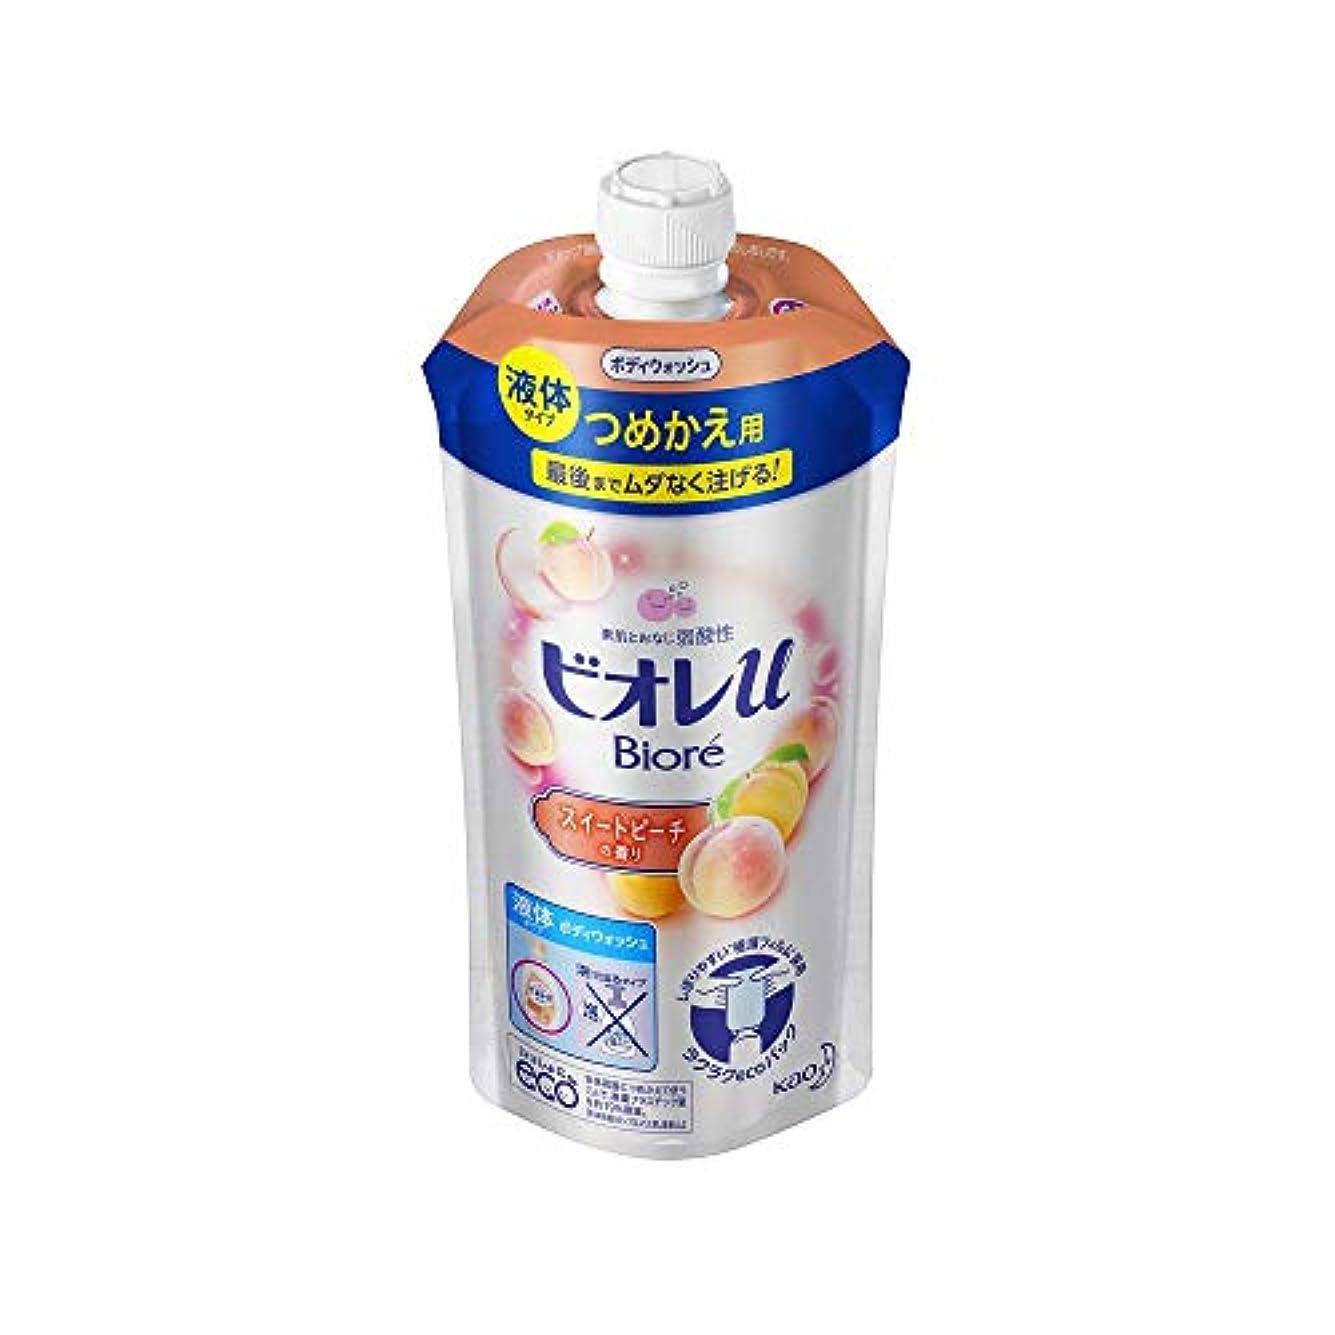 恐怖変成器加入花王 ビオレu スイートピーチの香りつめかえ用 340ML